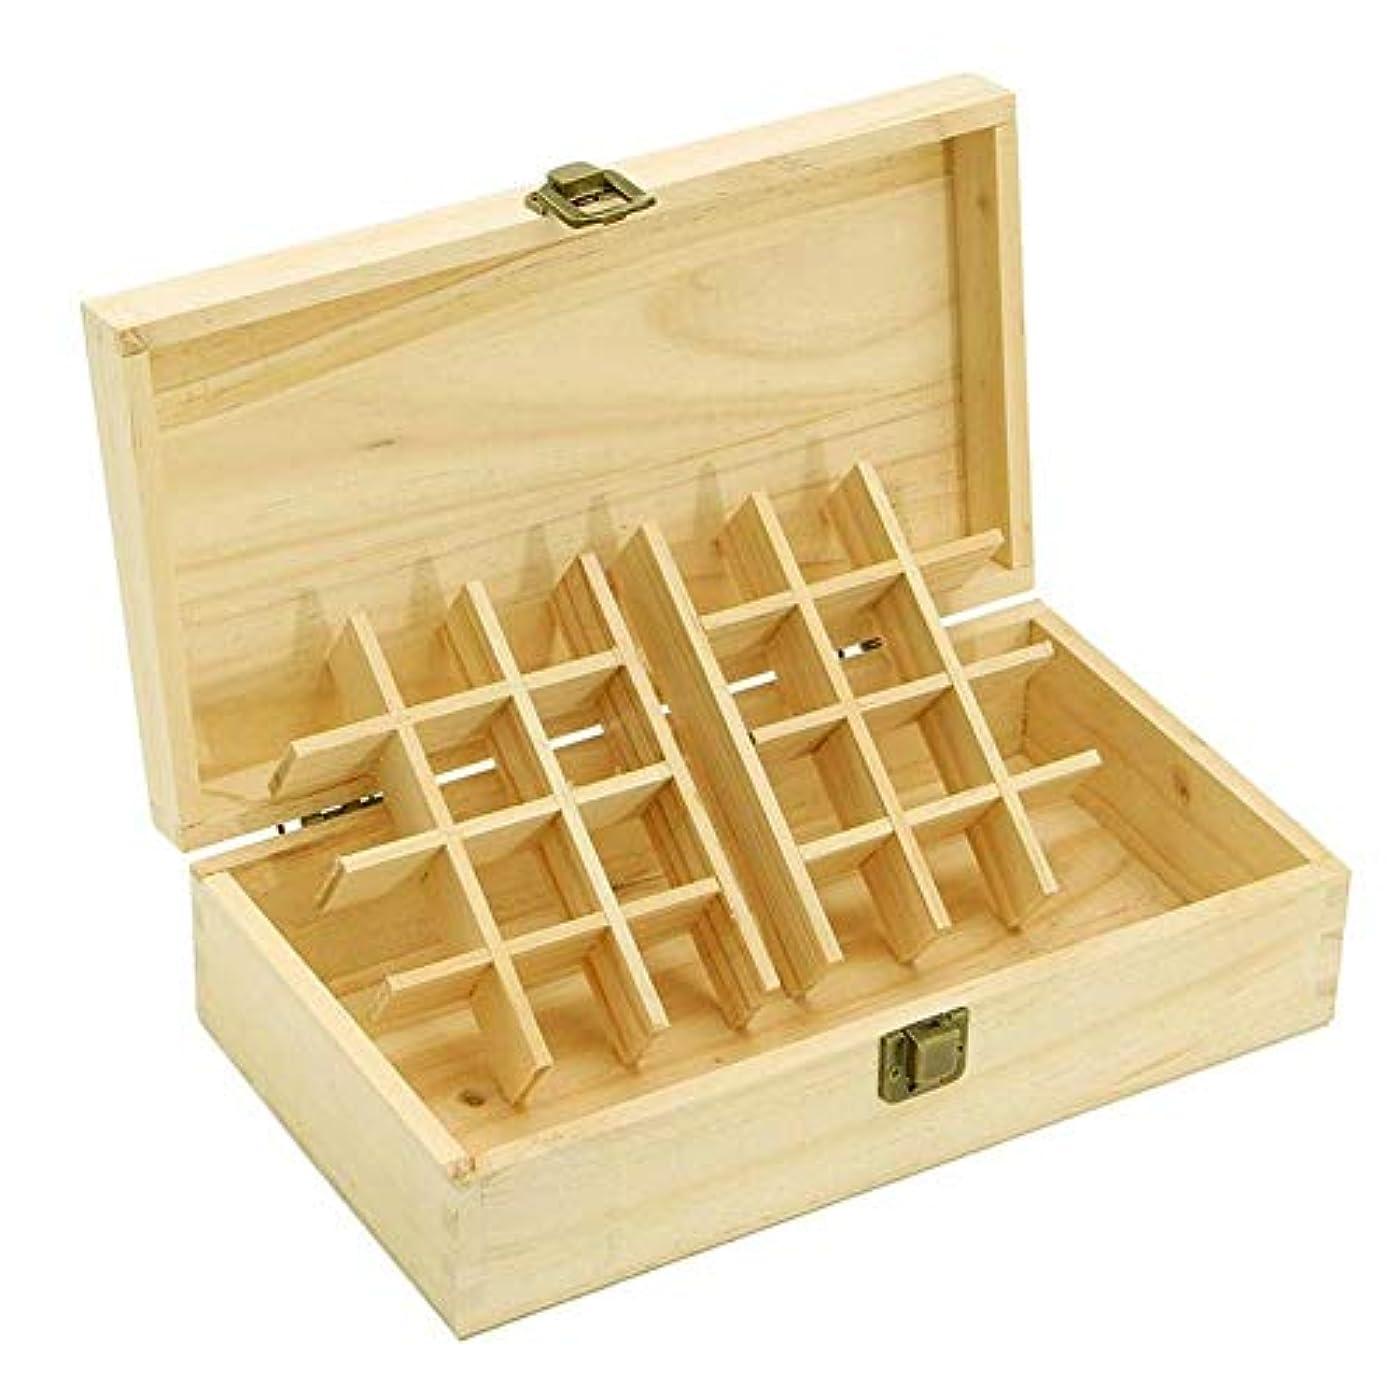 複雑なフルーツ野菜ボイドエッセンシャルオイル収納ボックス 純木の精油の収納箱 香水収納ケース アロマオイル収納ボックス